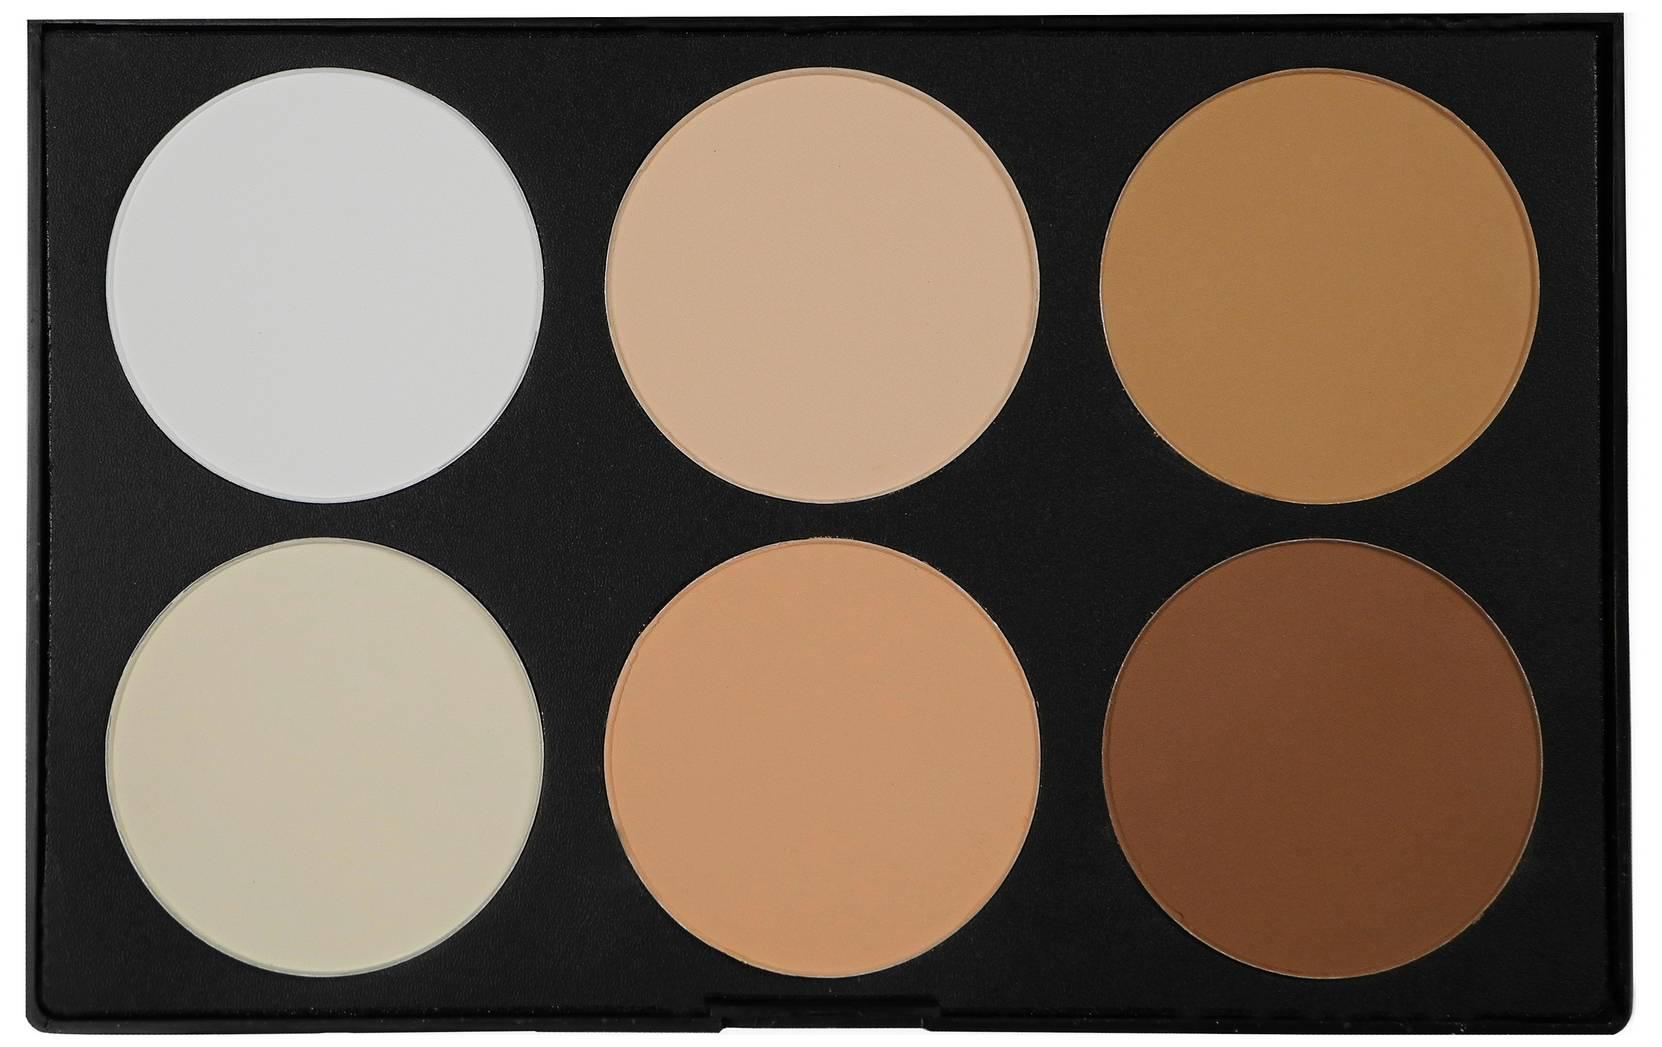 6 Color Contour Powder 72 g